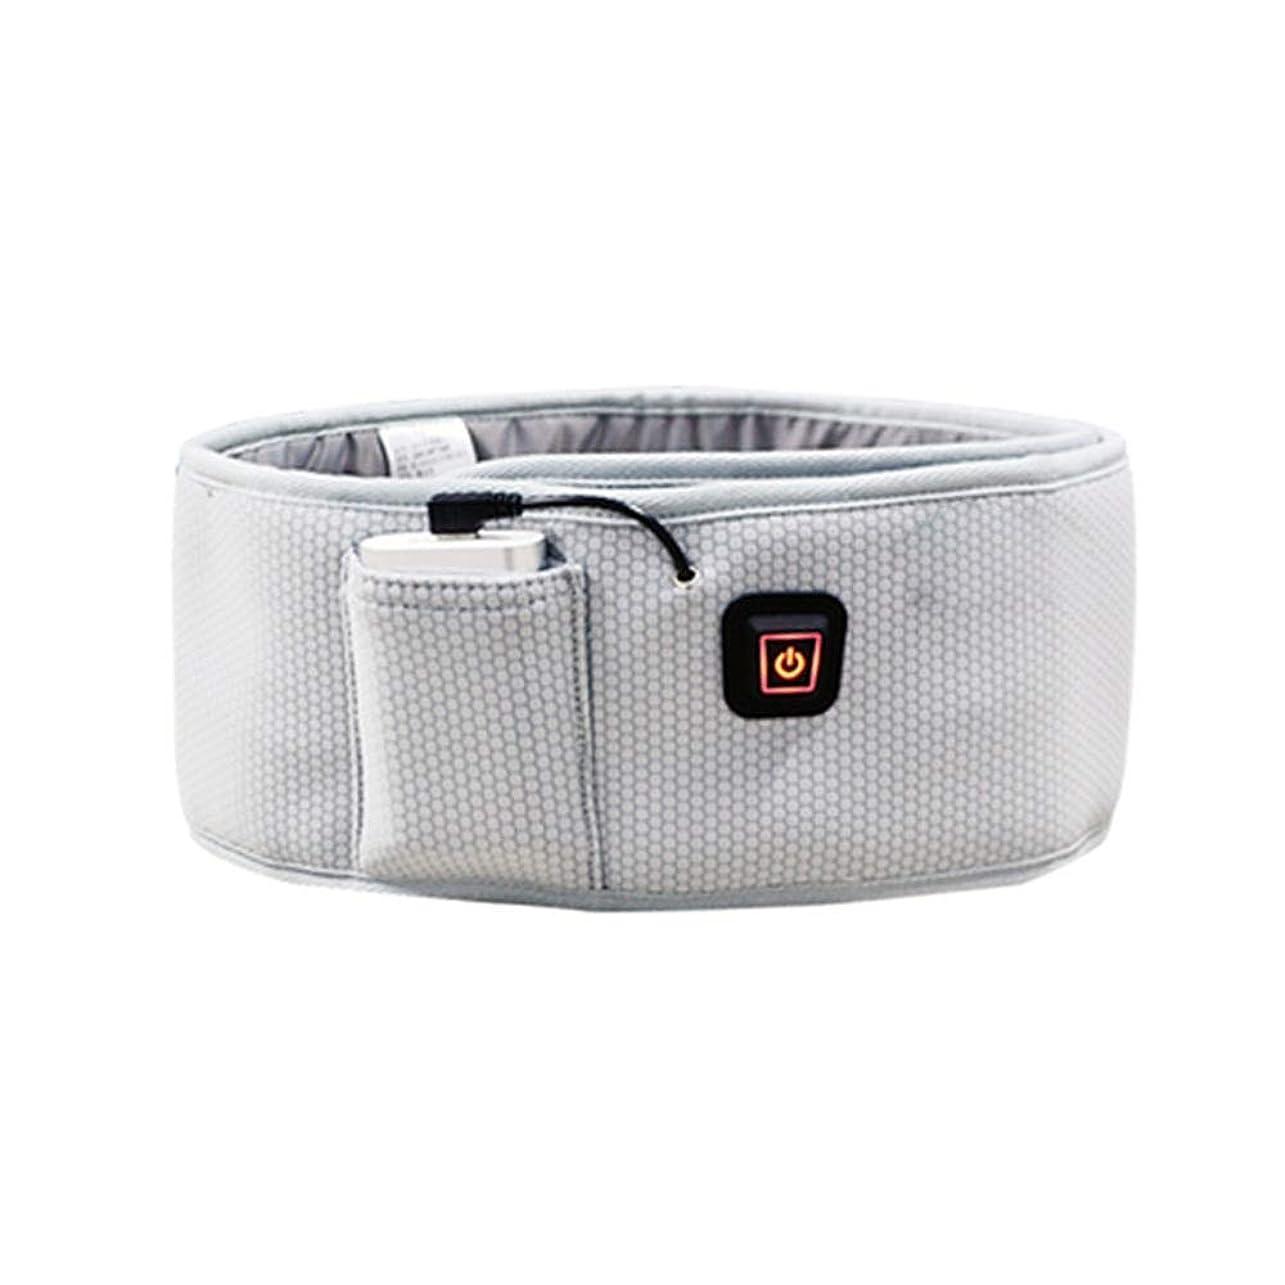 高速道路ドライスリム腰の痛みを軽減するための加熱ラップバックブレースランバーサポートウォーマーベルト 腰痛保護バンド (色 : グレー, サイズ : FREE SIZE)